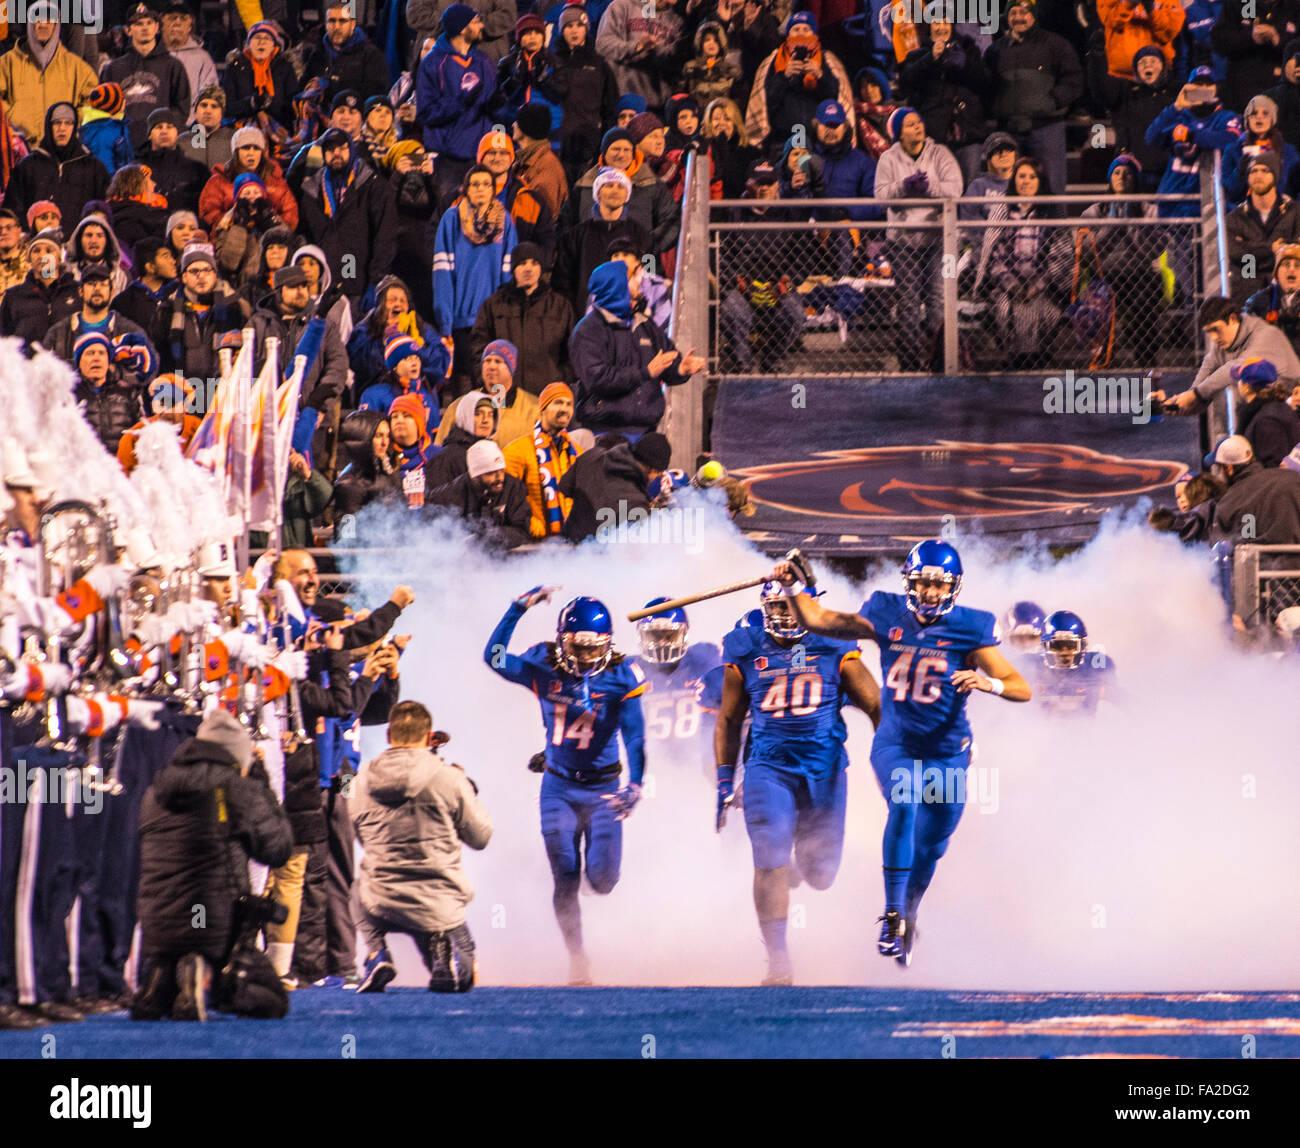 Fußball, Boise State Fußballmannschaft Spieleraustausch Albertson es Stadion Blau durch Nebel Wolke vor Stockbild